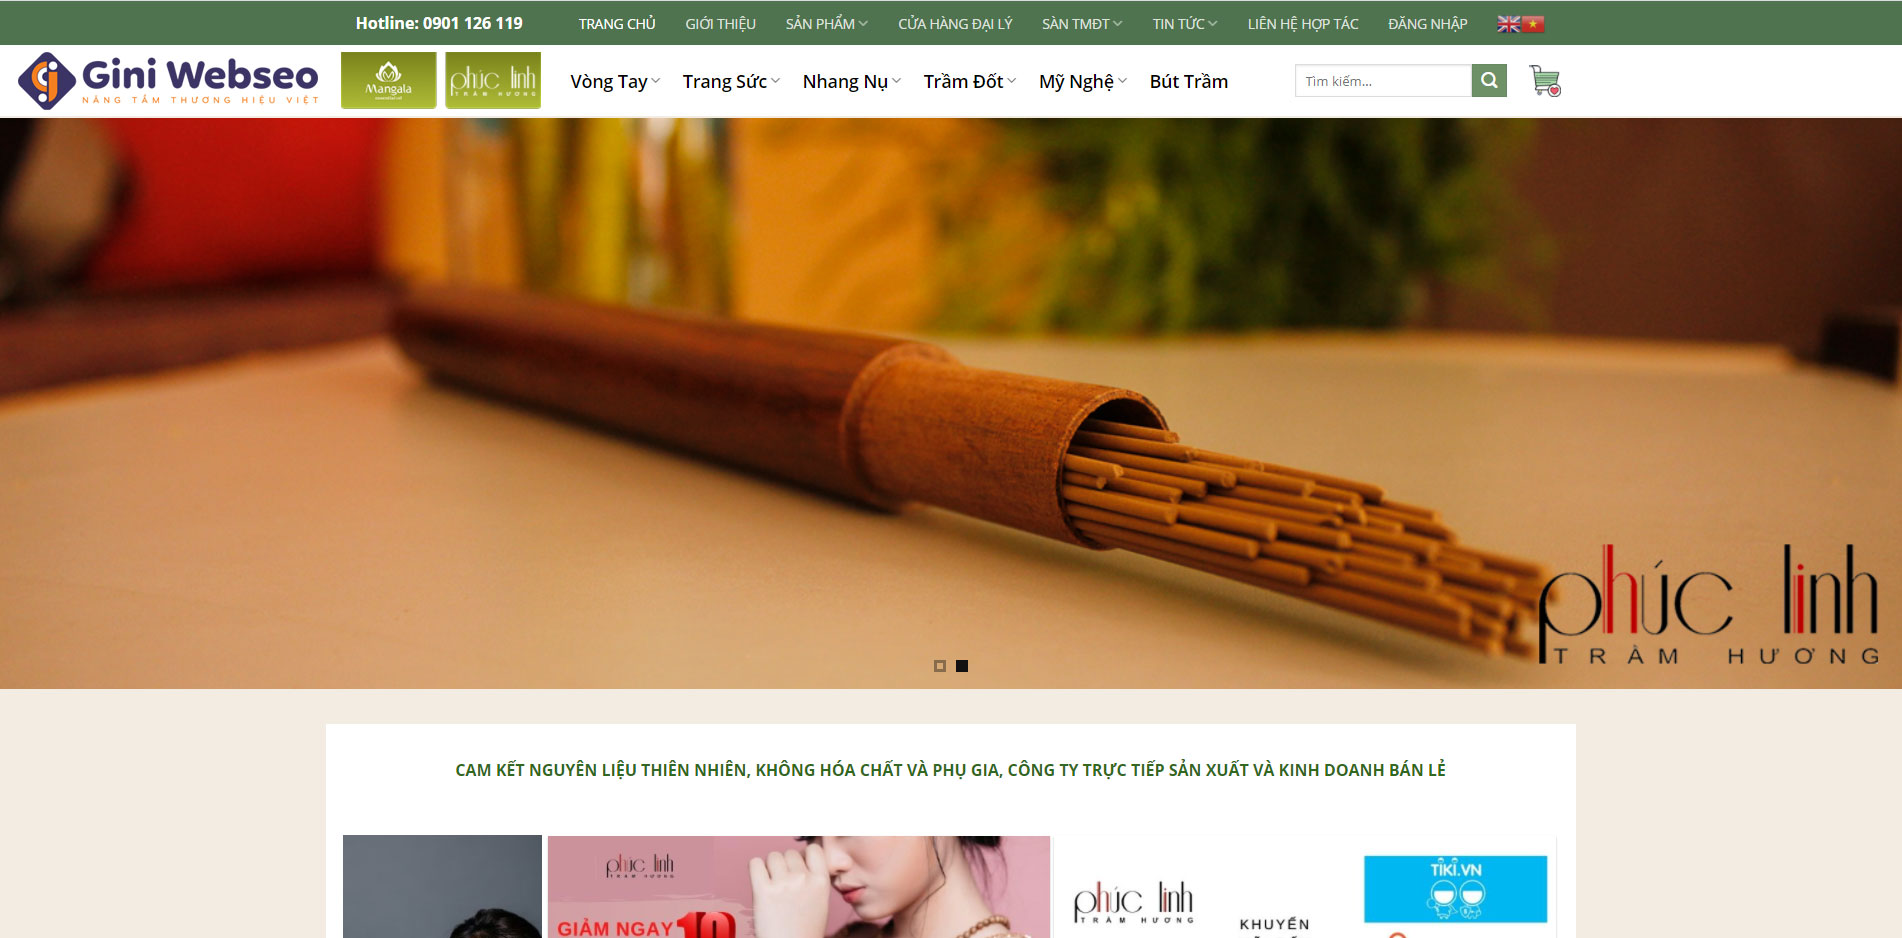 Thiết kế website trầm hương Phúc Linh